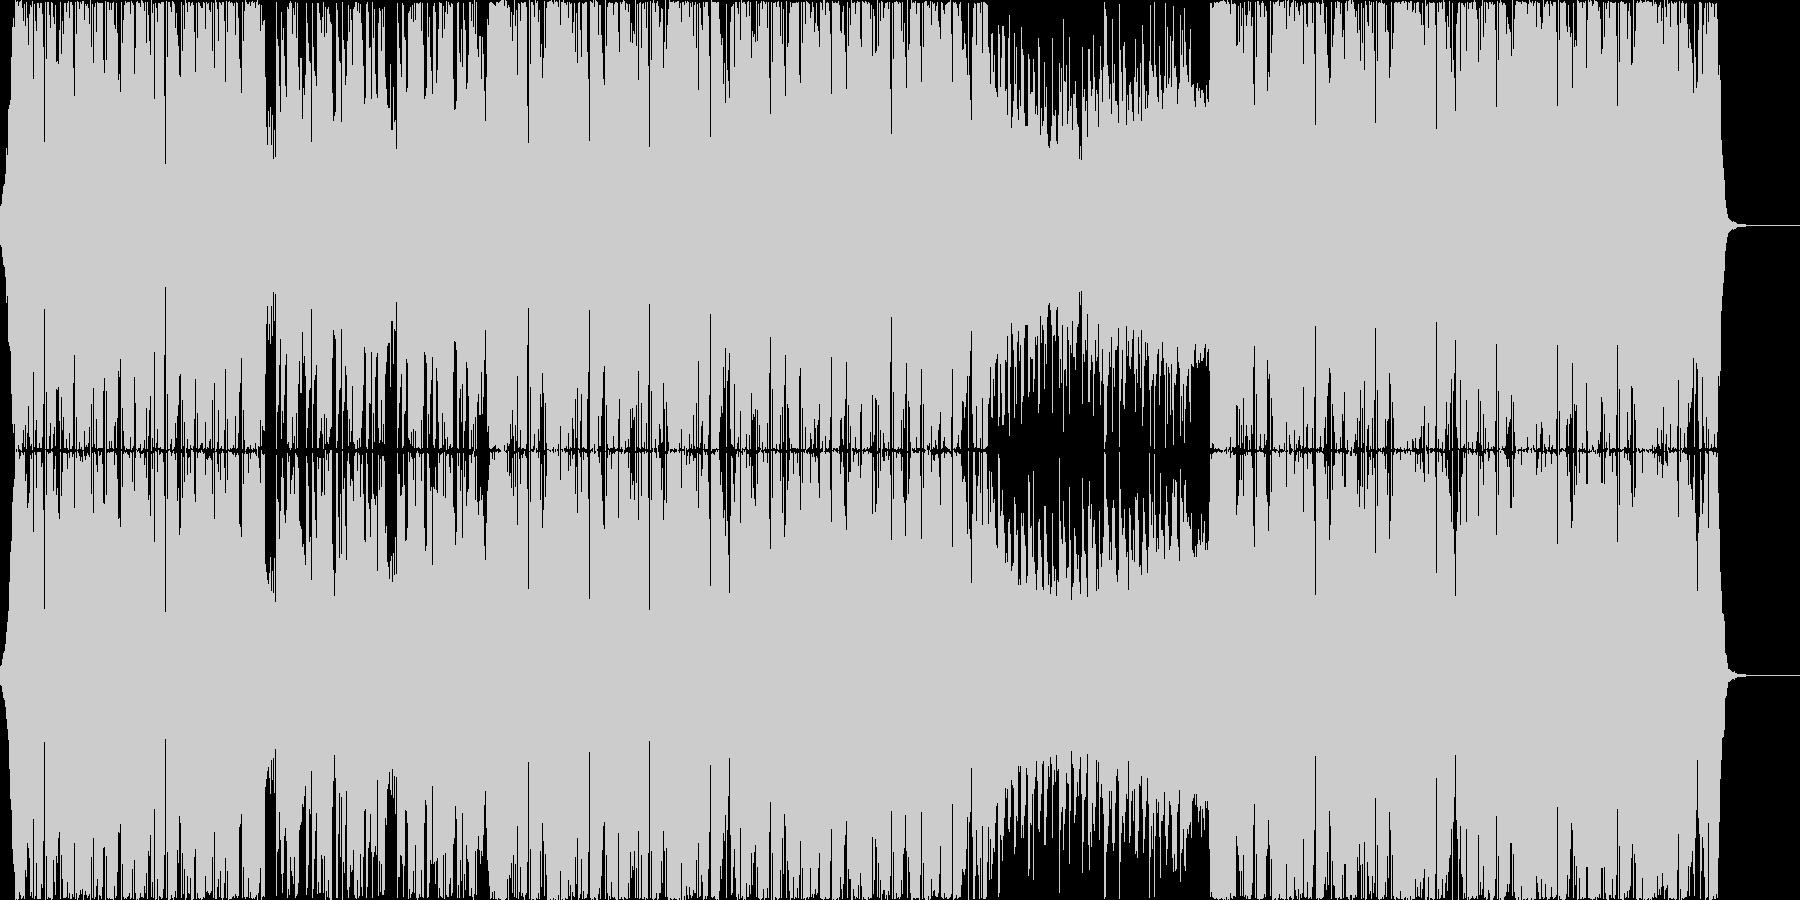 重厚でアグレッシブなシンセベースのEDMの未再生の波形